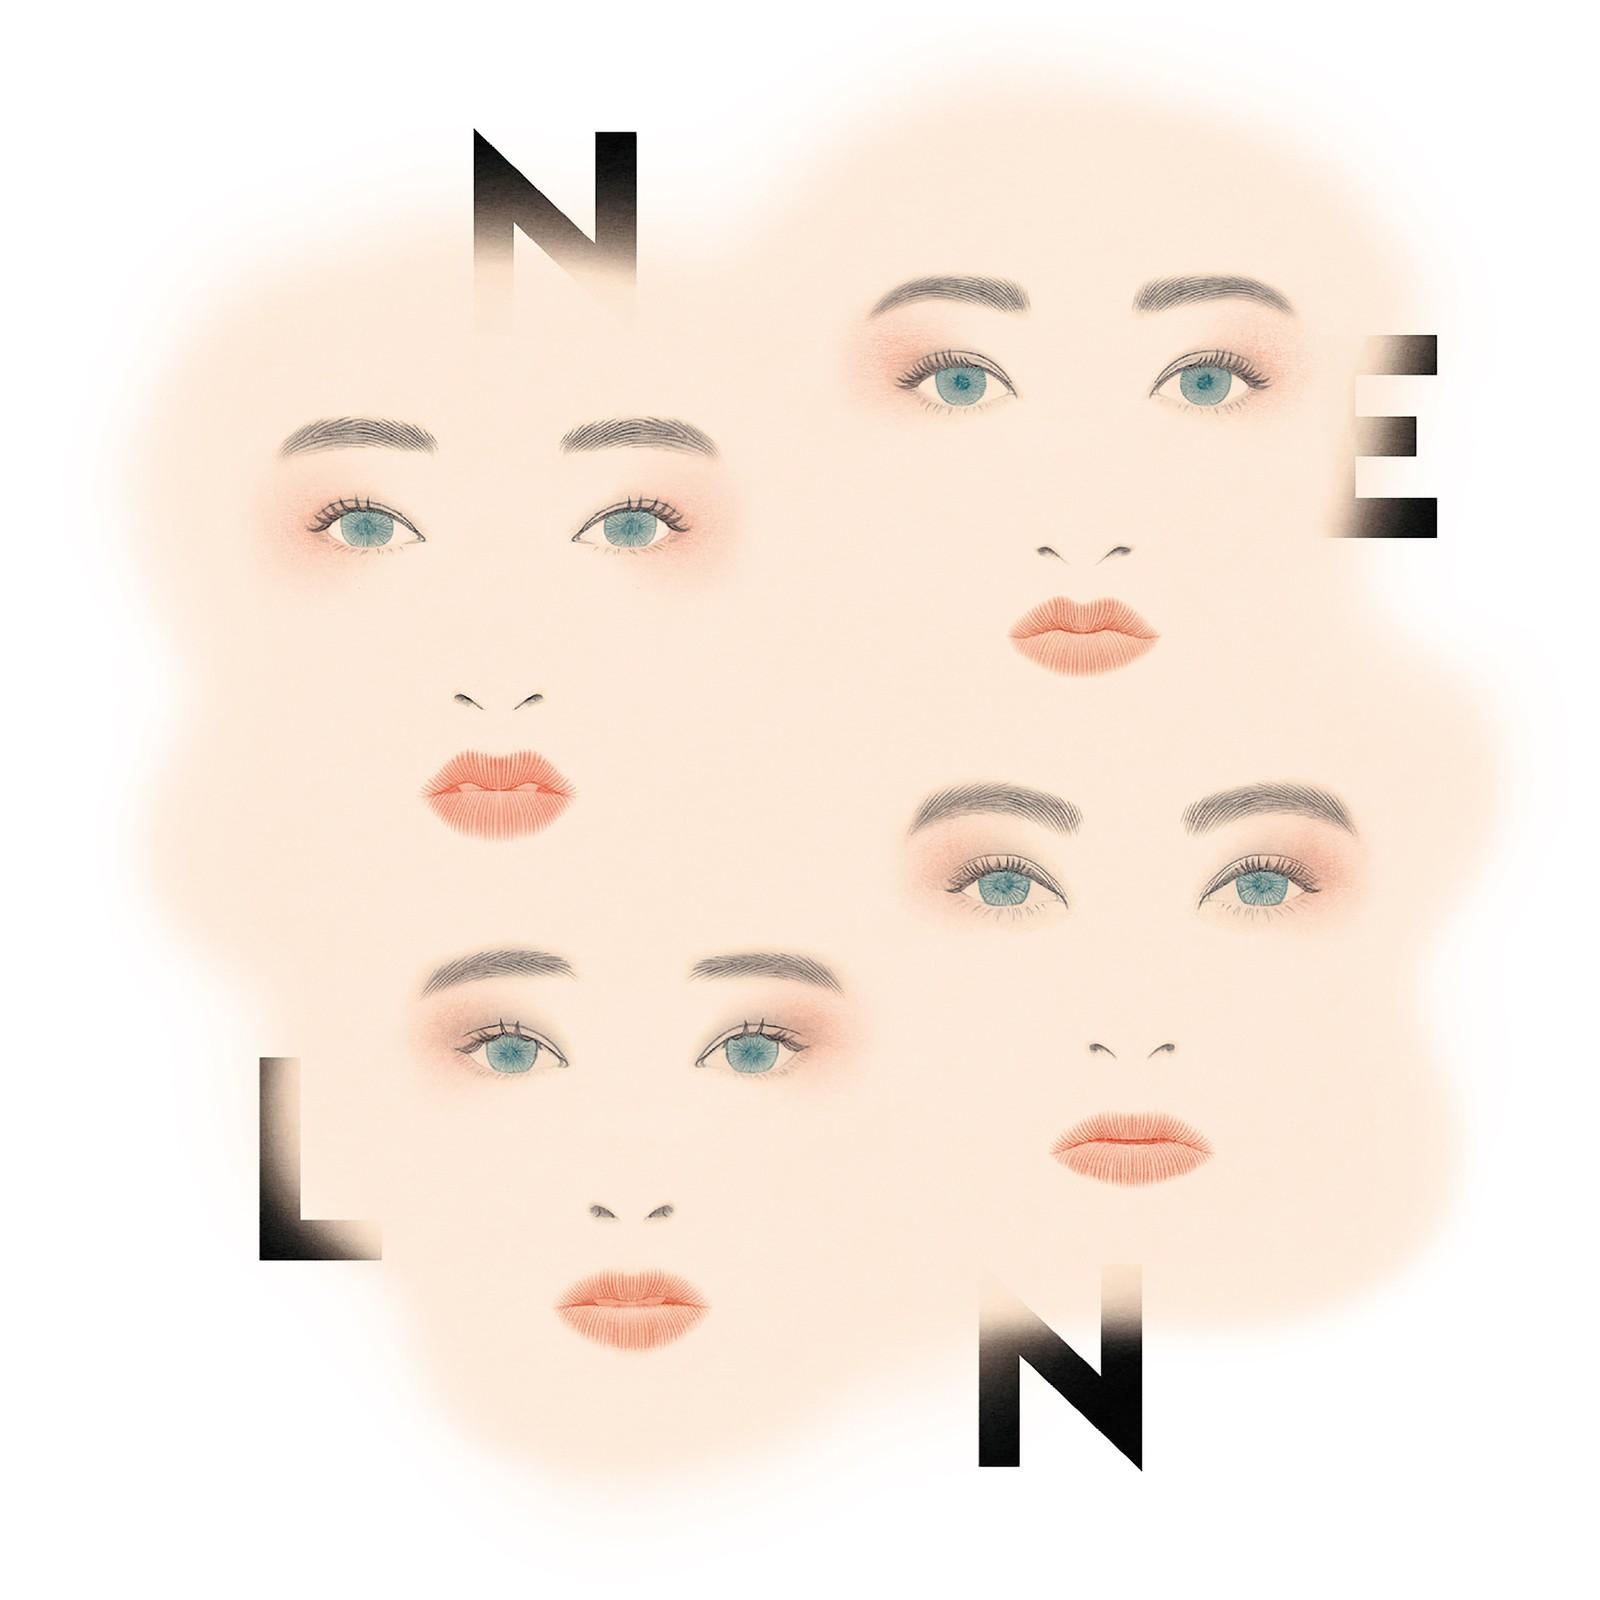 NELN - dawn